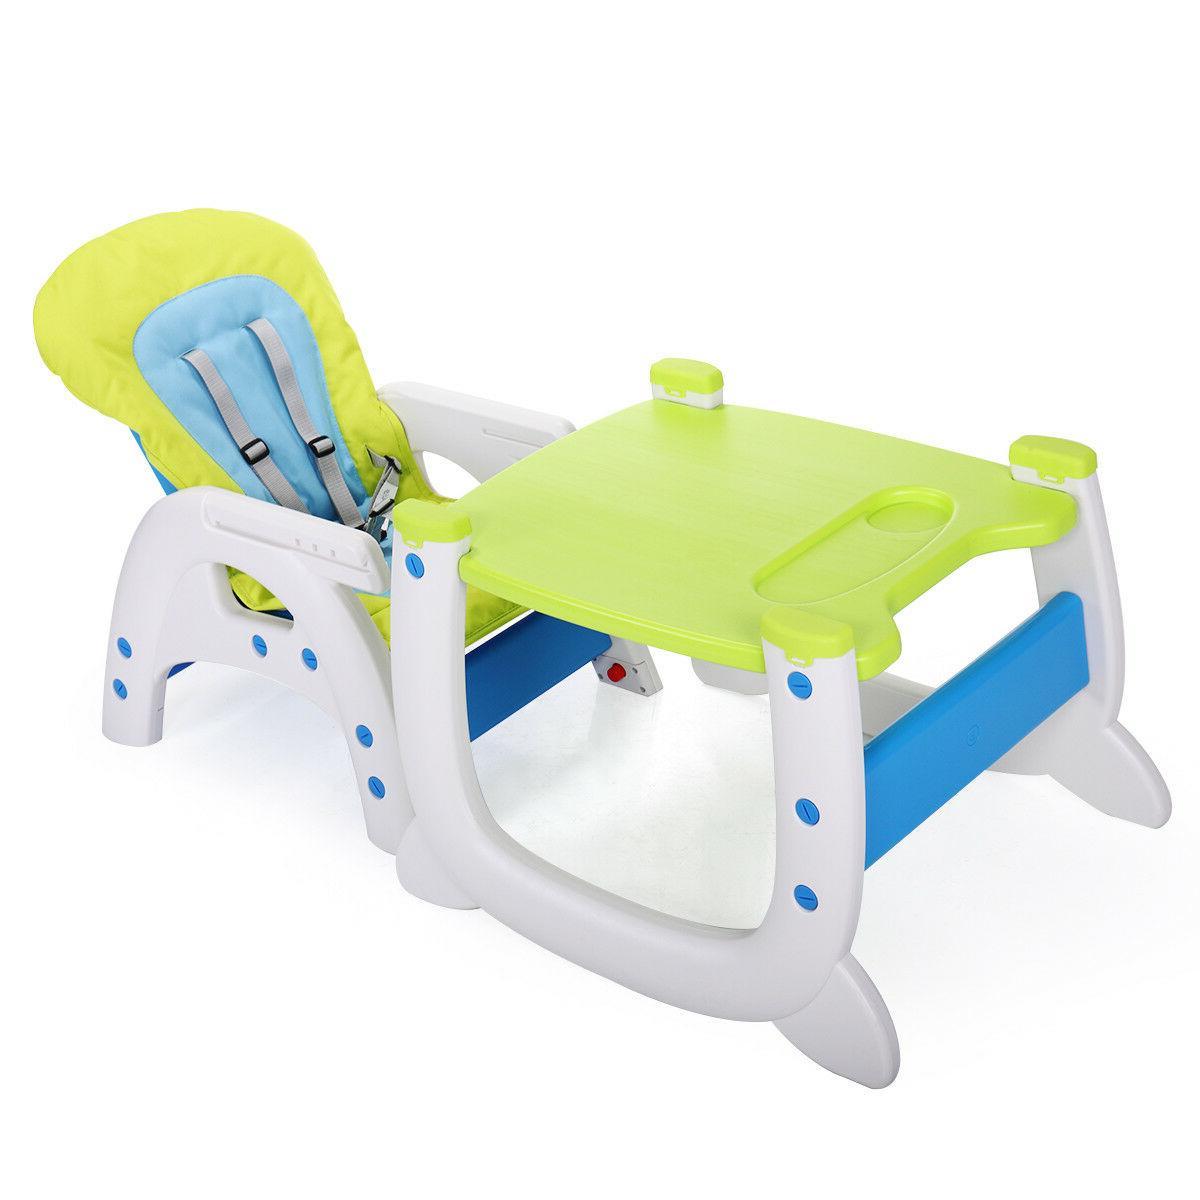 3 High Booster Toddler Blue-green